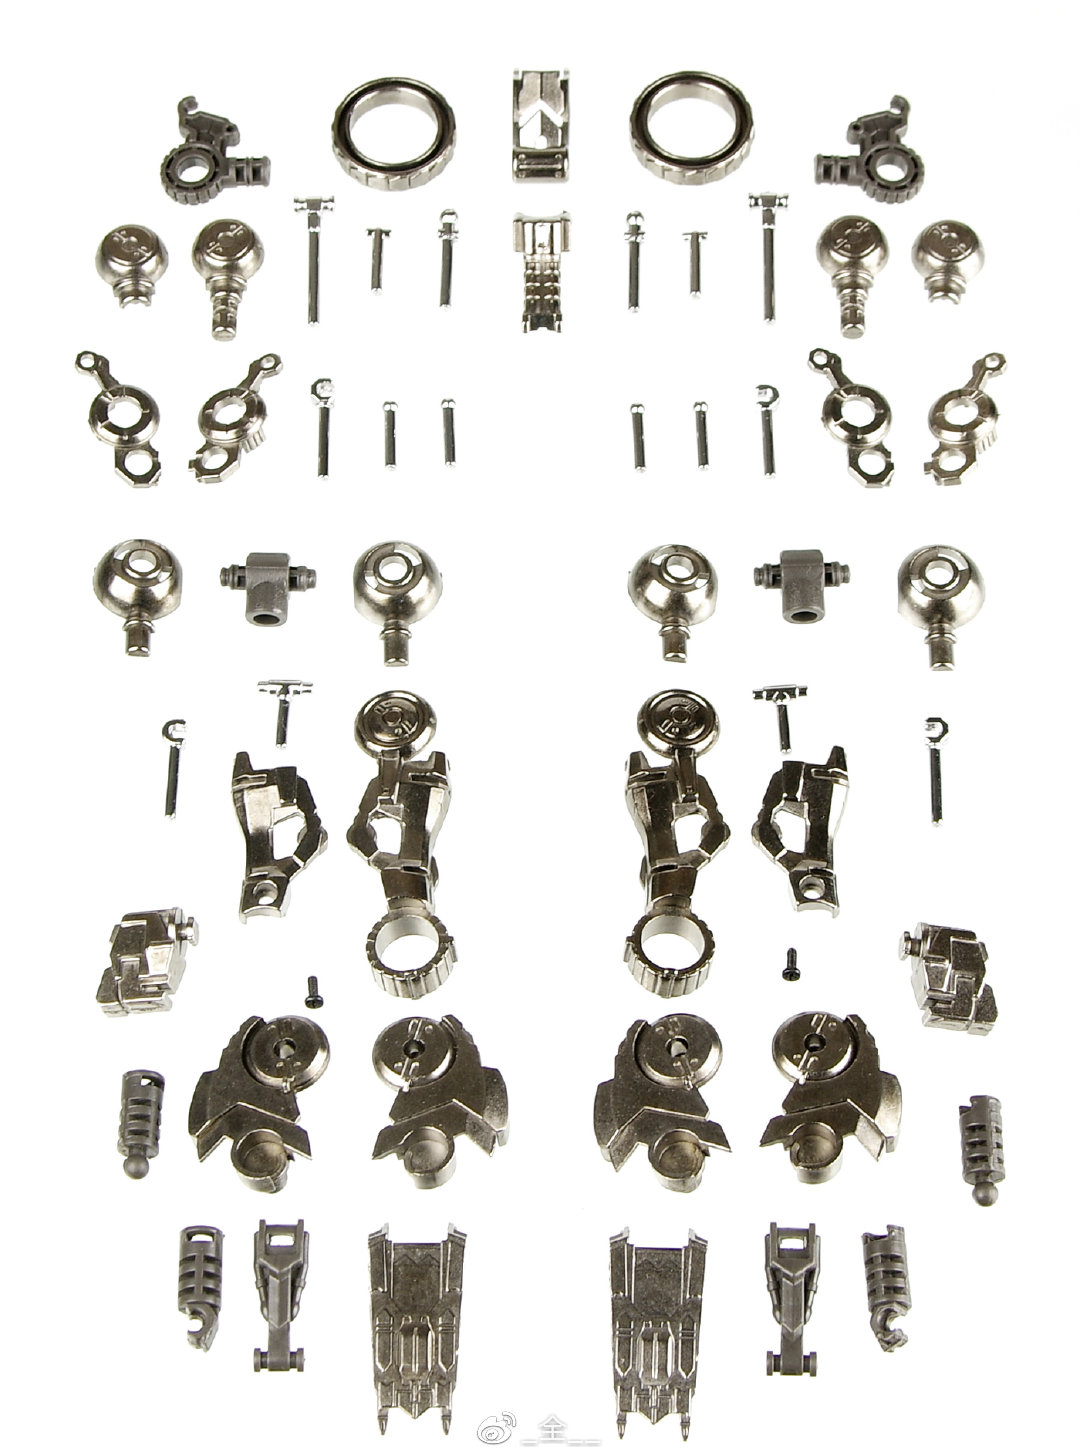 M103_mg_barbatos_metal_frame_parts_set_009_007.jpg